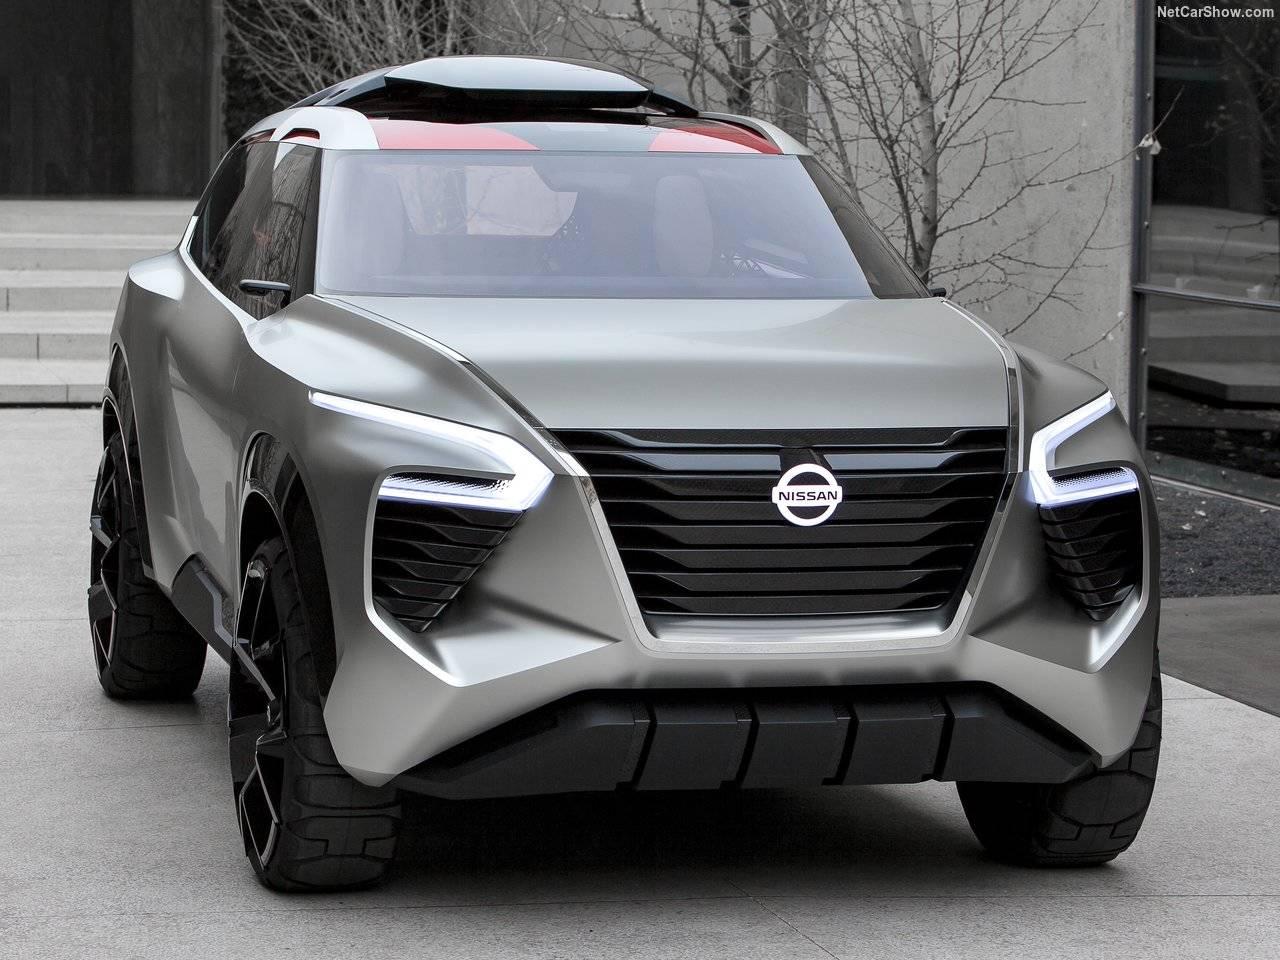 未来の日産新型エクストレイルか? Xmotion Conceptを発表!コンセプトモデルを調査してみます